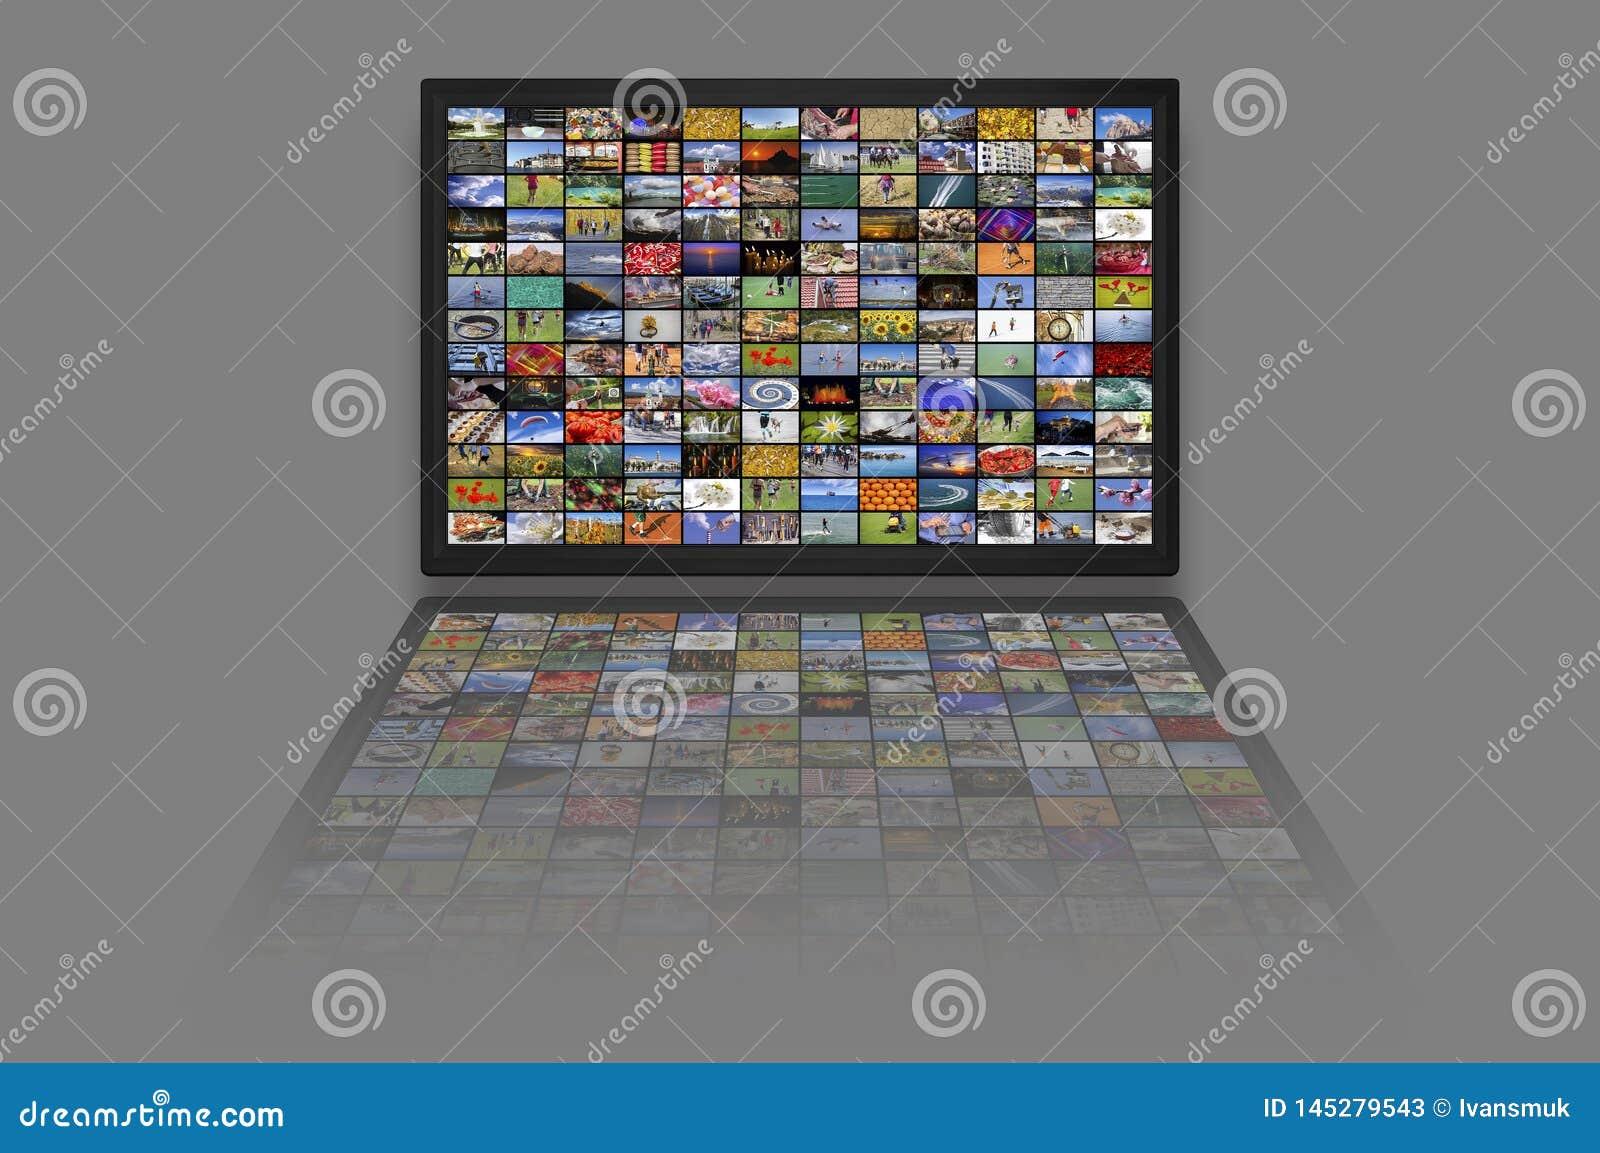 Los paneles del LCD TV como pared video con imágenes coloridas